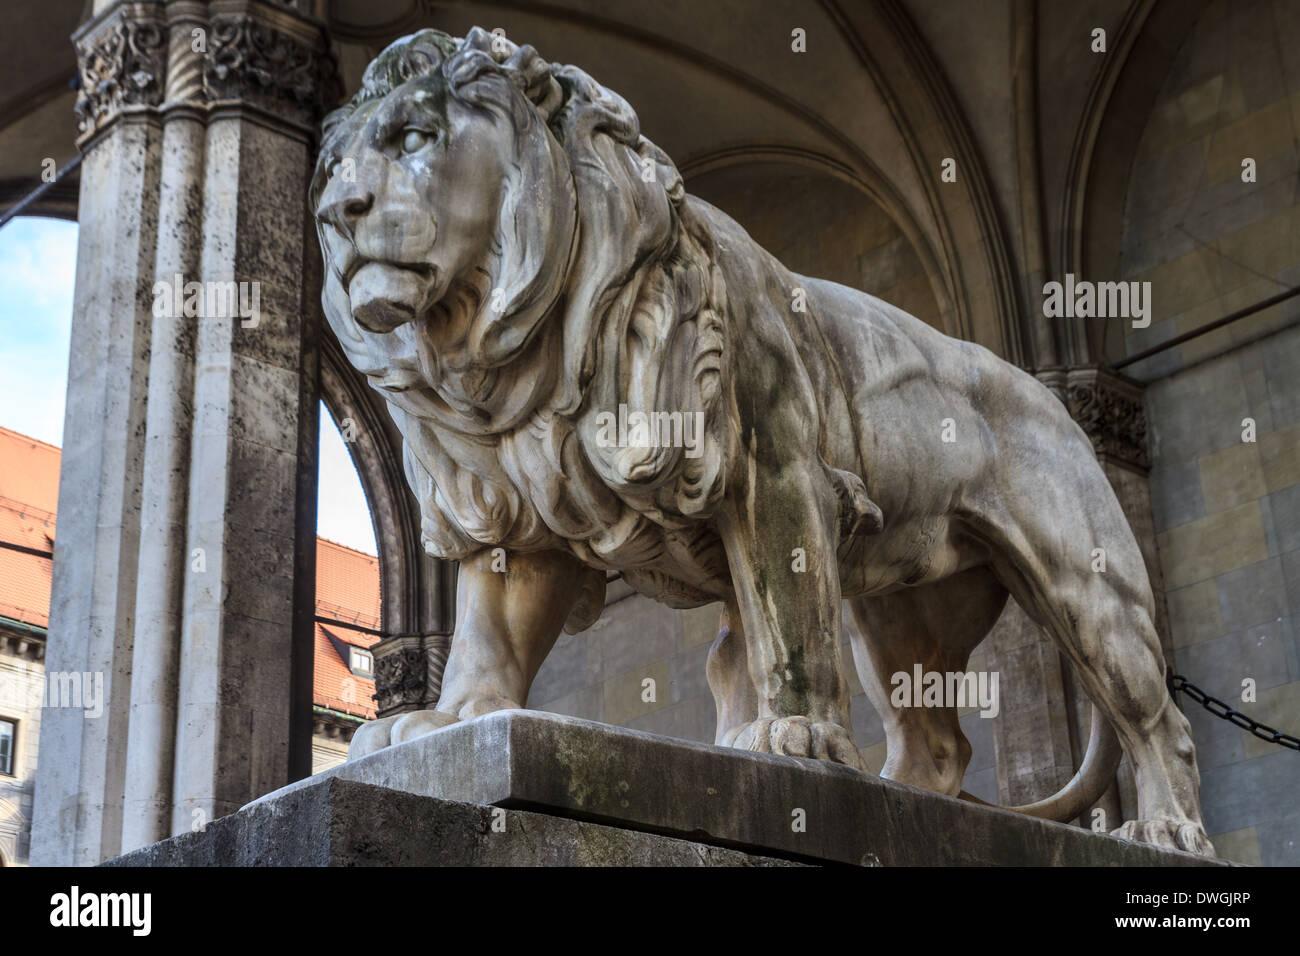 Statue de Lion bavarois de Munich, en face de Feldherrnhalle, Bavière, Allemagne Photo Stock